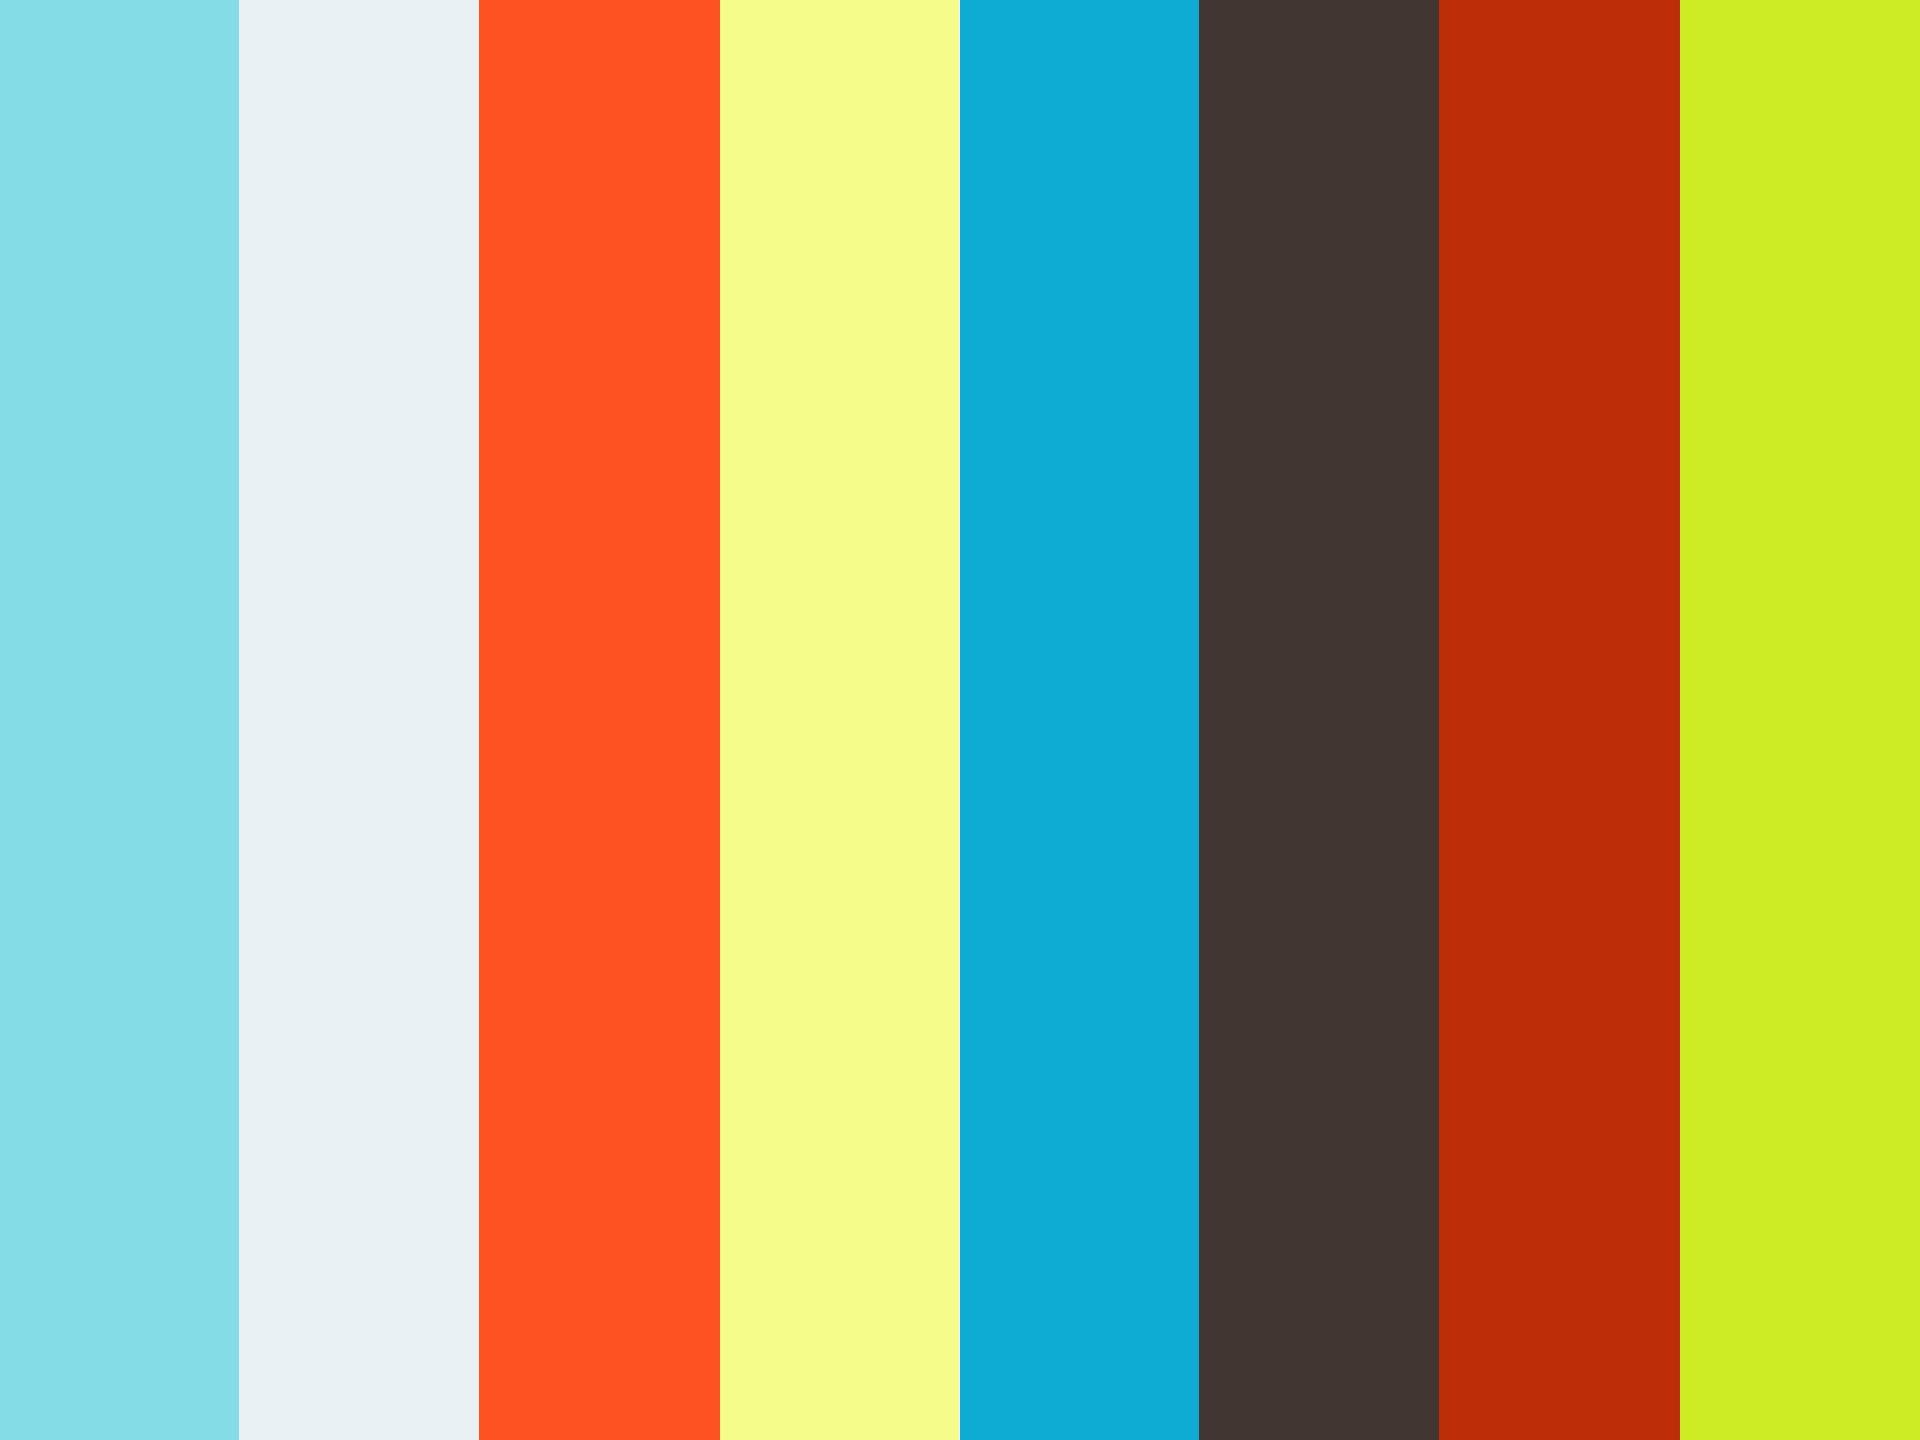 ytv 2006 full screen logo canada on vimeo